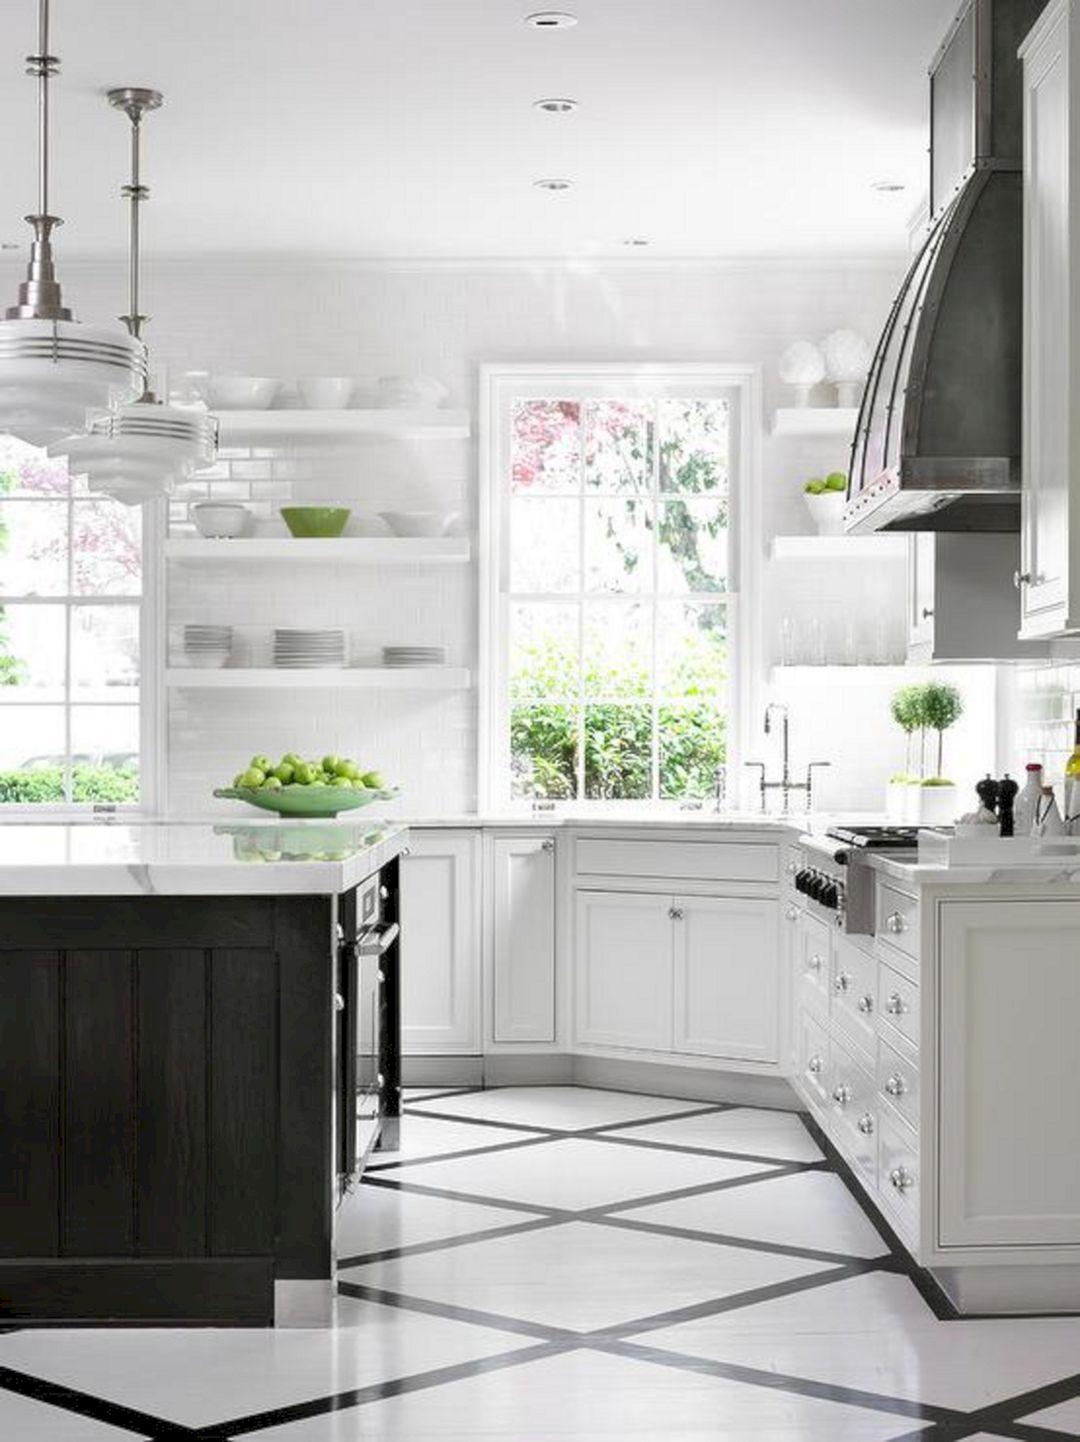 30 Most Popular Kitchen Design With Black White Flooring Ideas